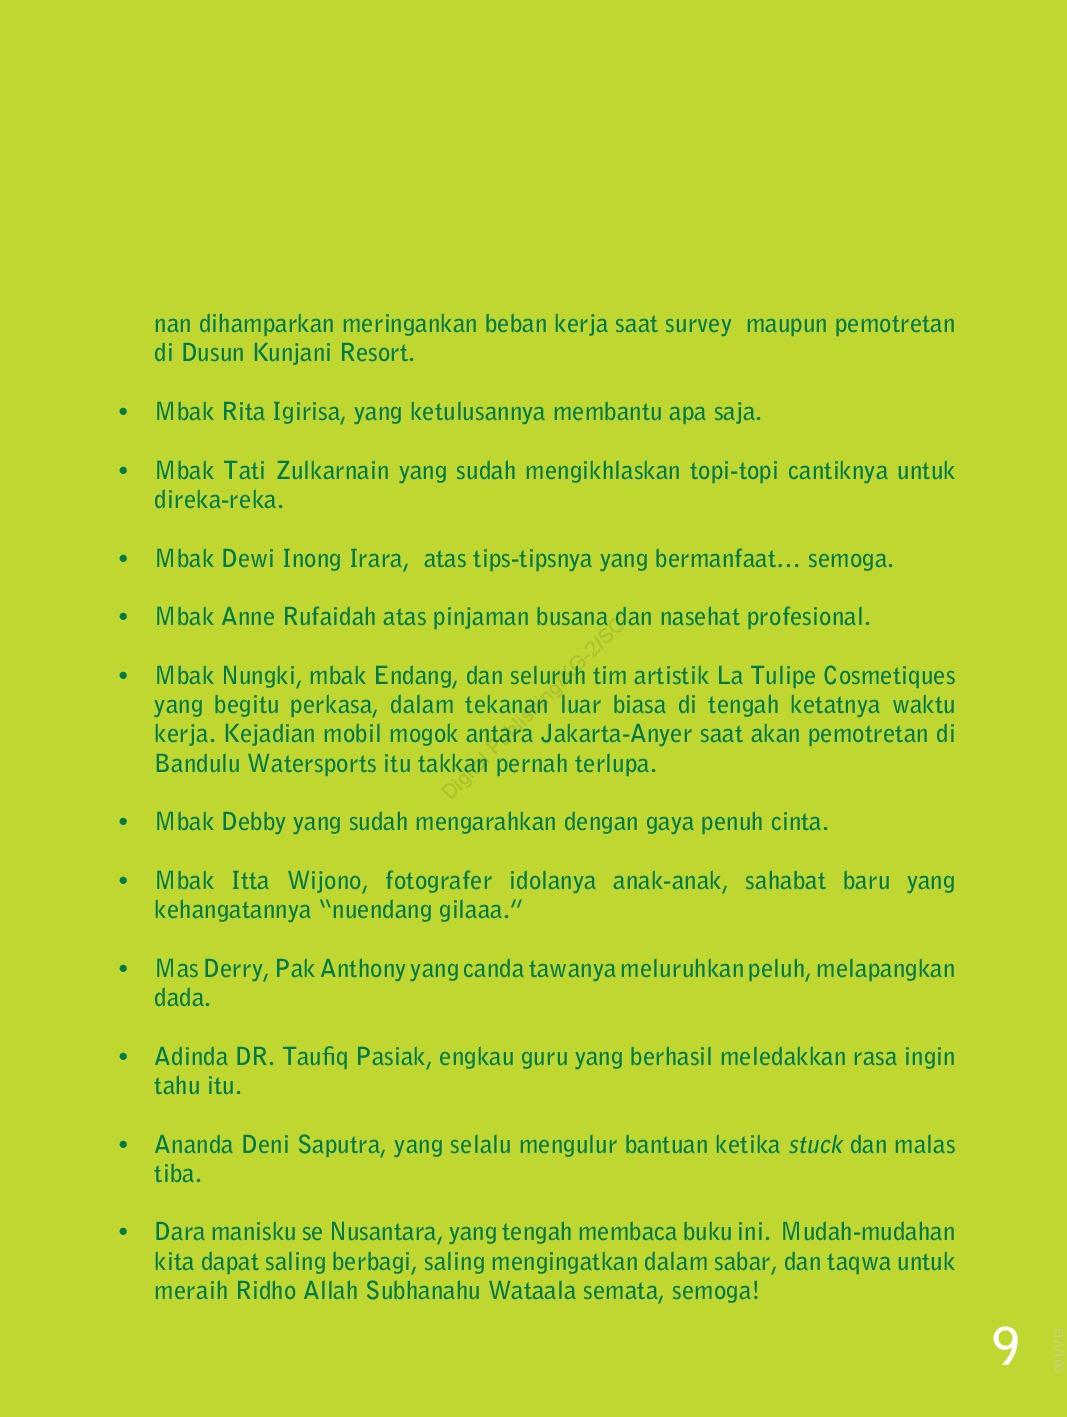 Jual Buku Seri Kerudung Apik: Biarkan Warna Bicara oleh